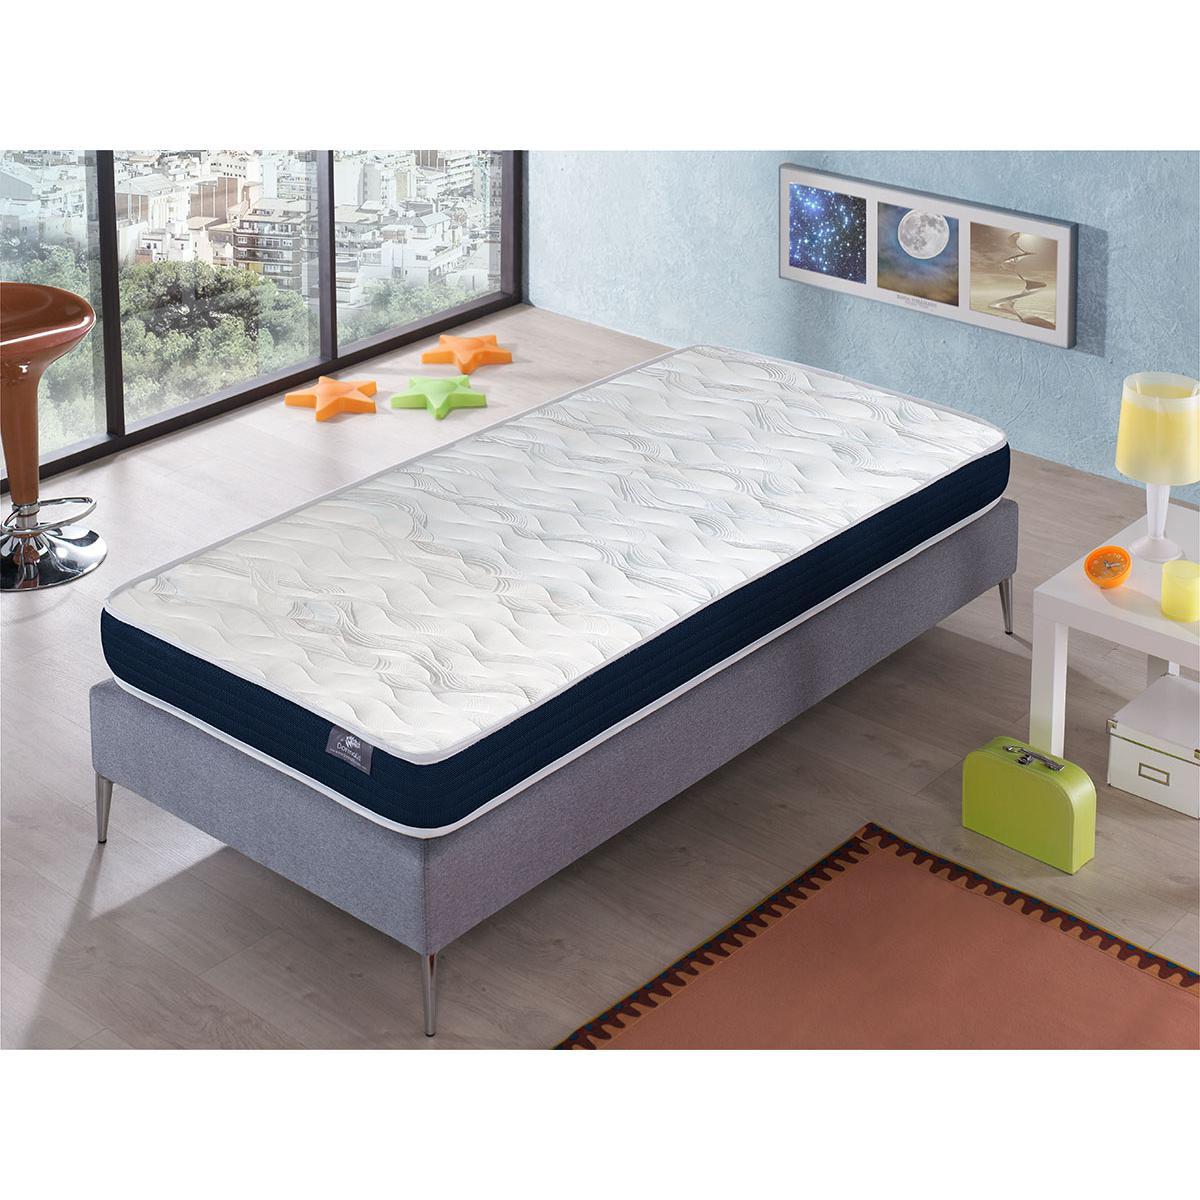 Dormalit Matelas 100X200 ERGO CONFORT Épaisseur 14 CM ? Rembourrage super soft - Juvénil - idéal pour les lits gigognes